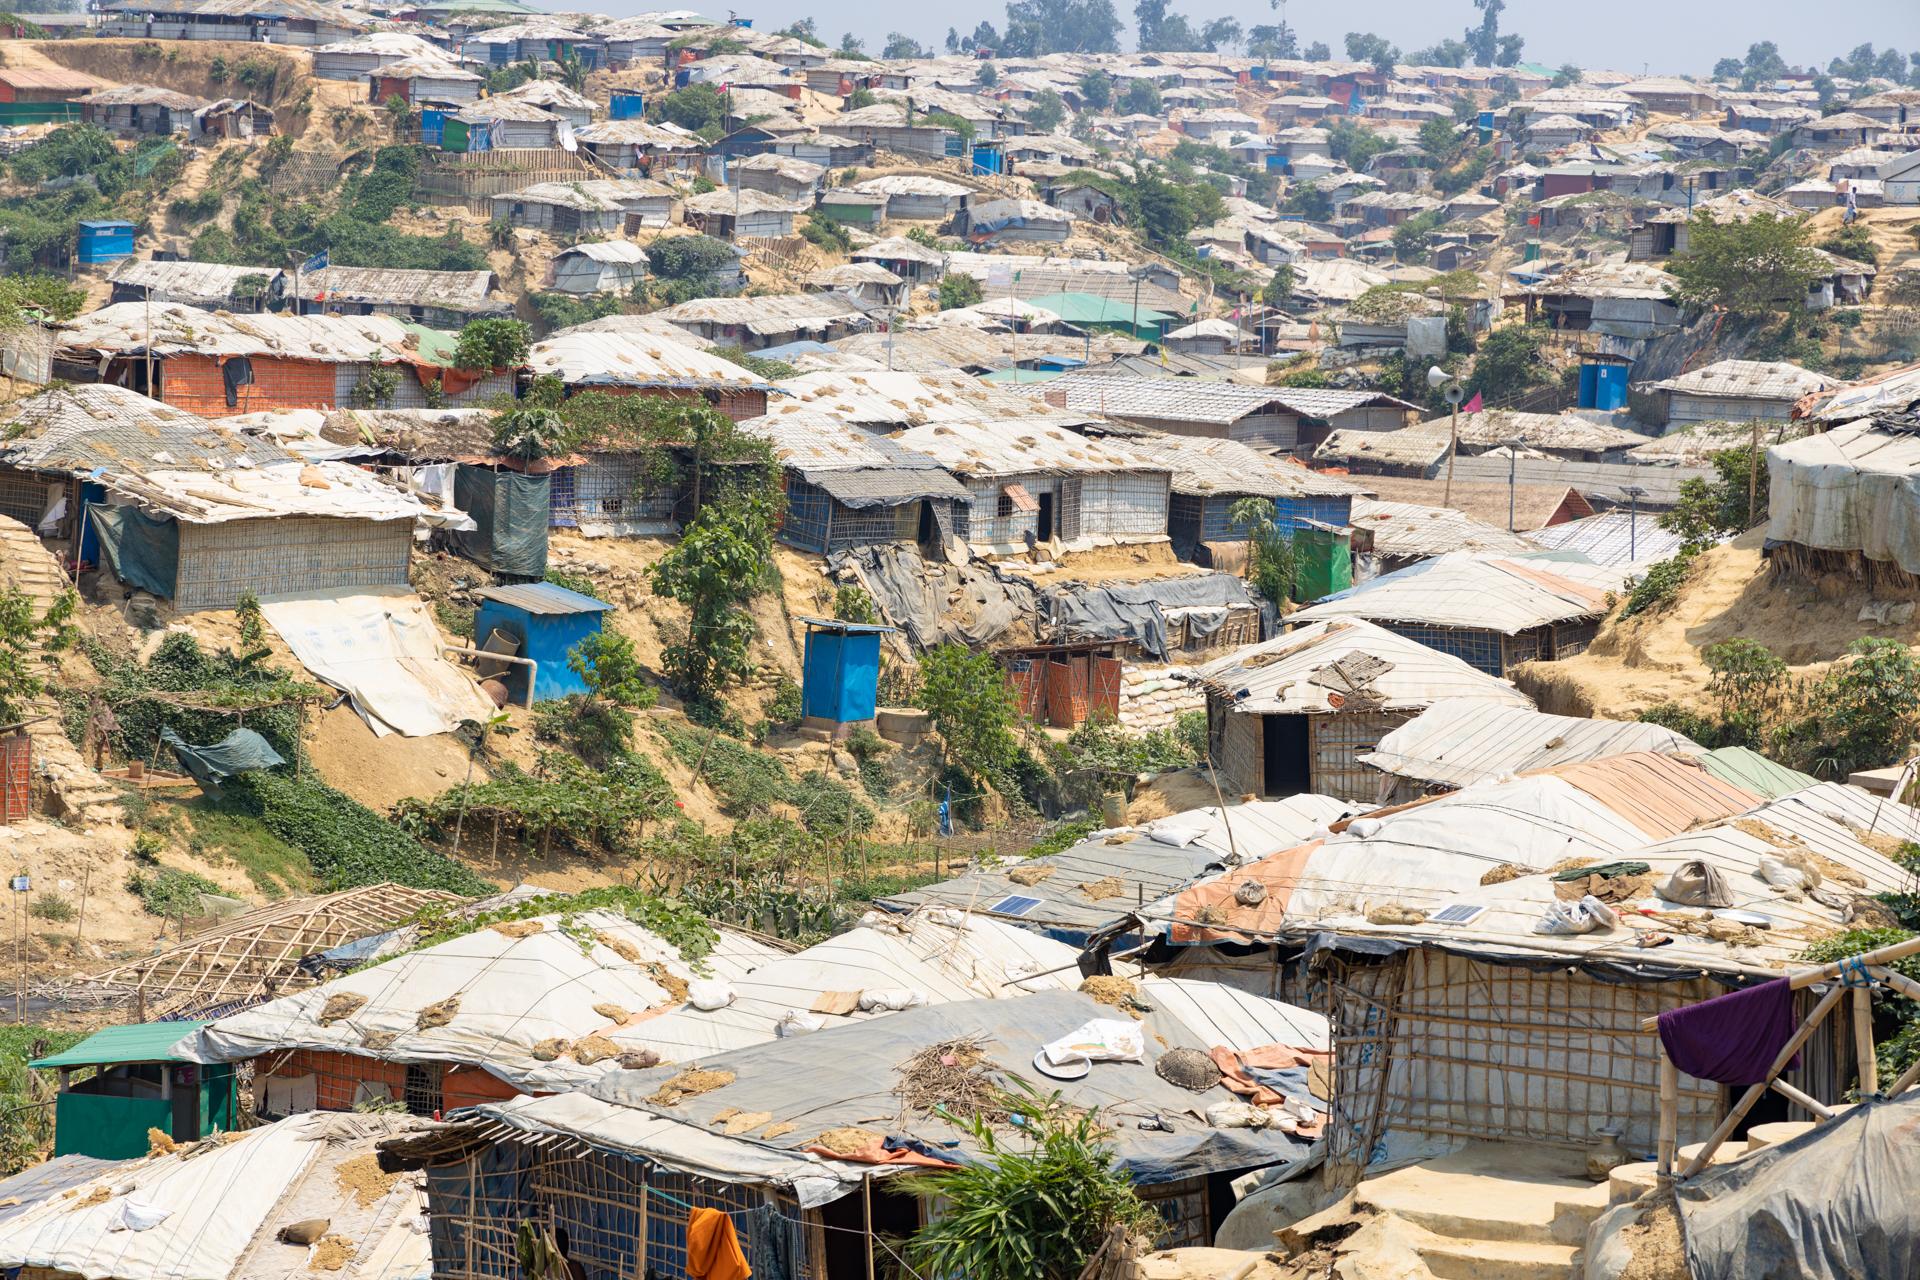 Yleiskuva Cox's Bazaarin rohingya-pakolaisleiristä: runsaasti telttoja kukkuloiden rinteillä.